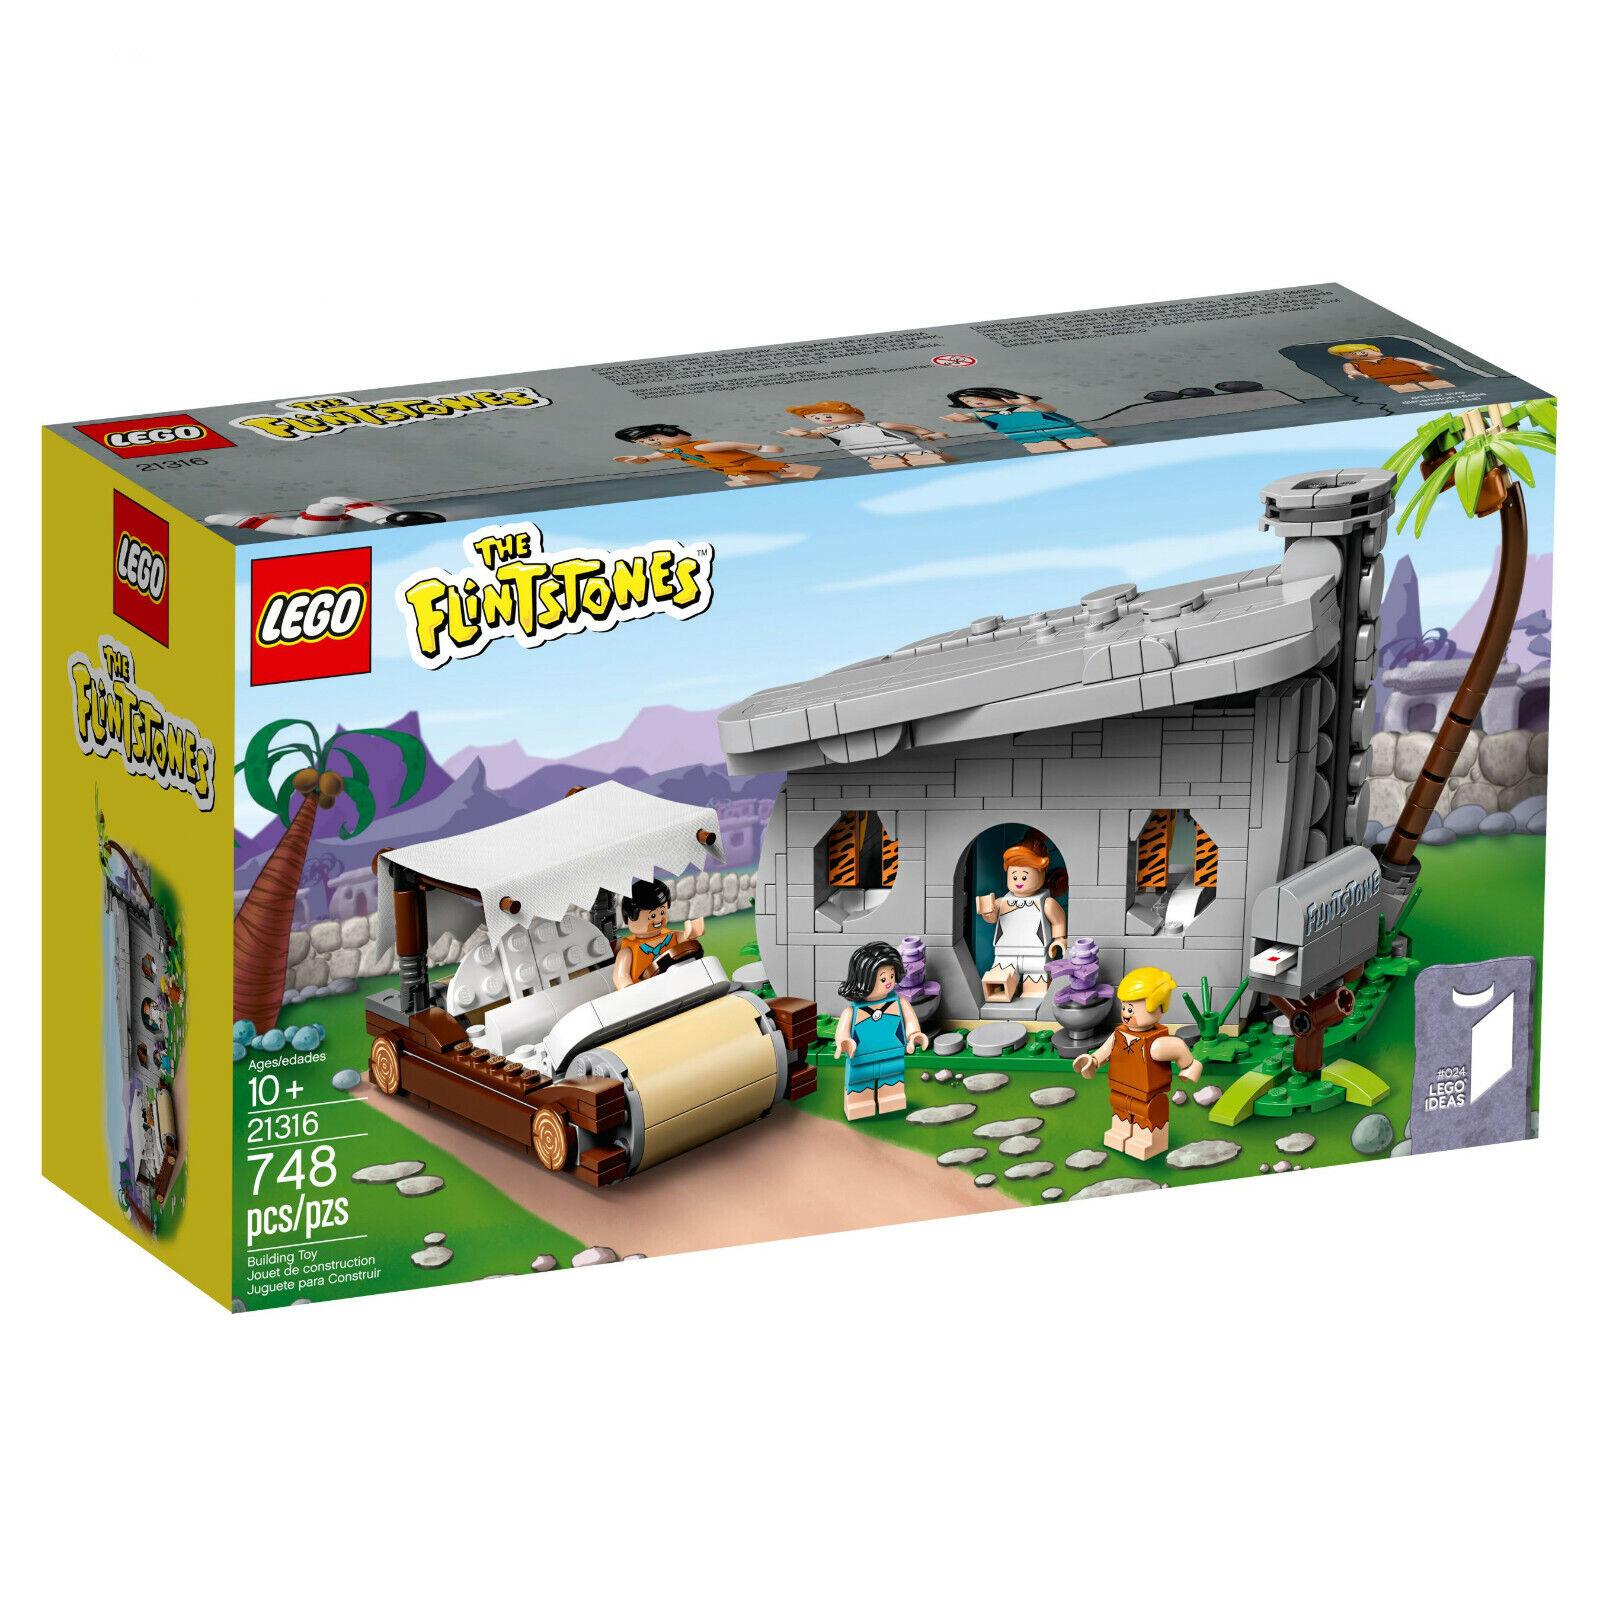 Lego ideas 21316 I the Flintstones i familia fuego piedra I nuevo & OVP i relámpago paquete